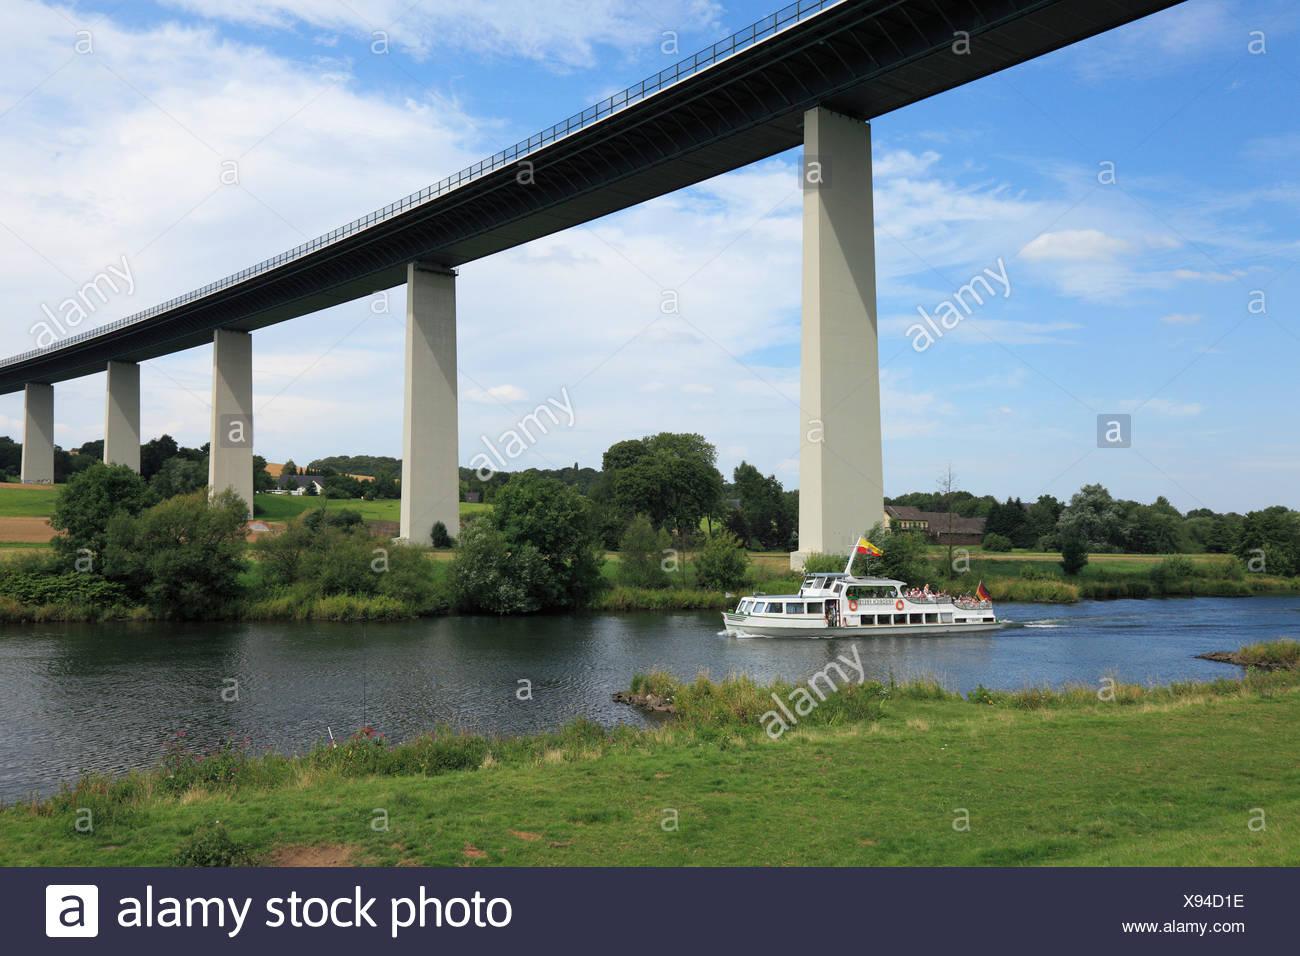 excursion steamer, white fleet, Mintarder Ruhr valley bridge, bridge, Mulheim on Ruhr, Ruhr area, North Rhine-Westphalia, German - Stock Image